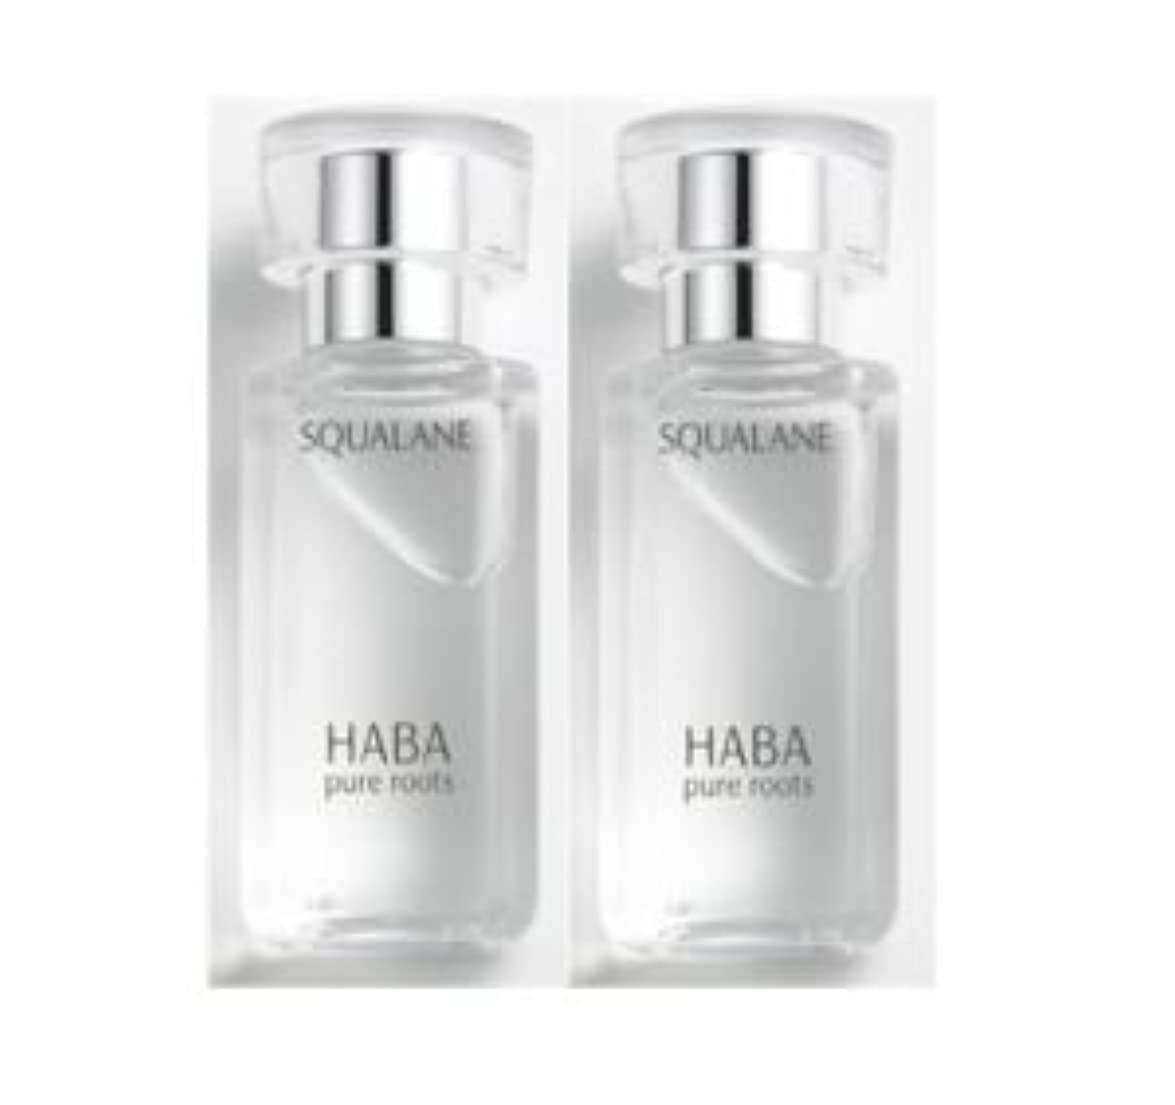 HABA 高品位「スクワラン」15mL 2個セット